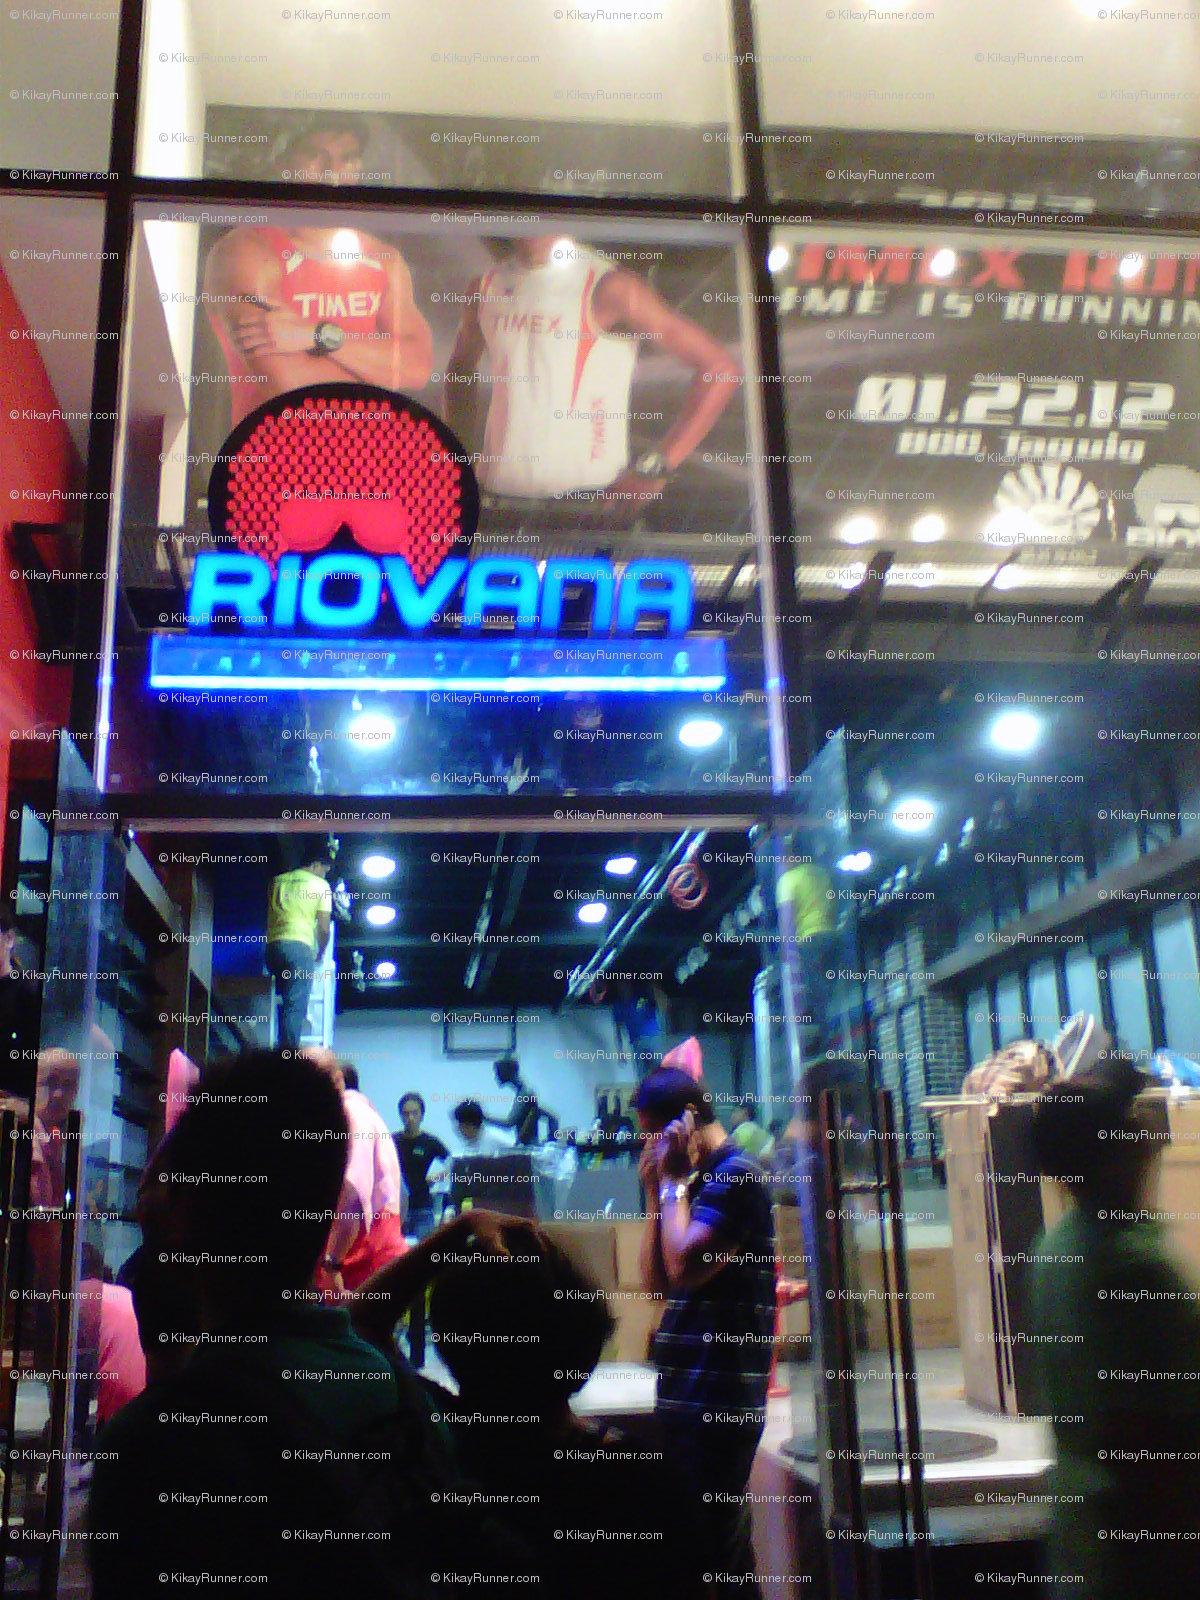 Riovana: A Runner's Nirvana